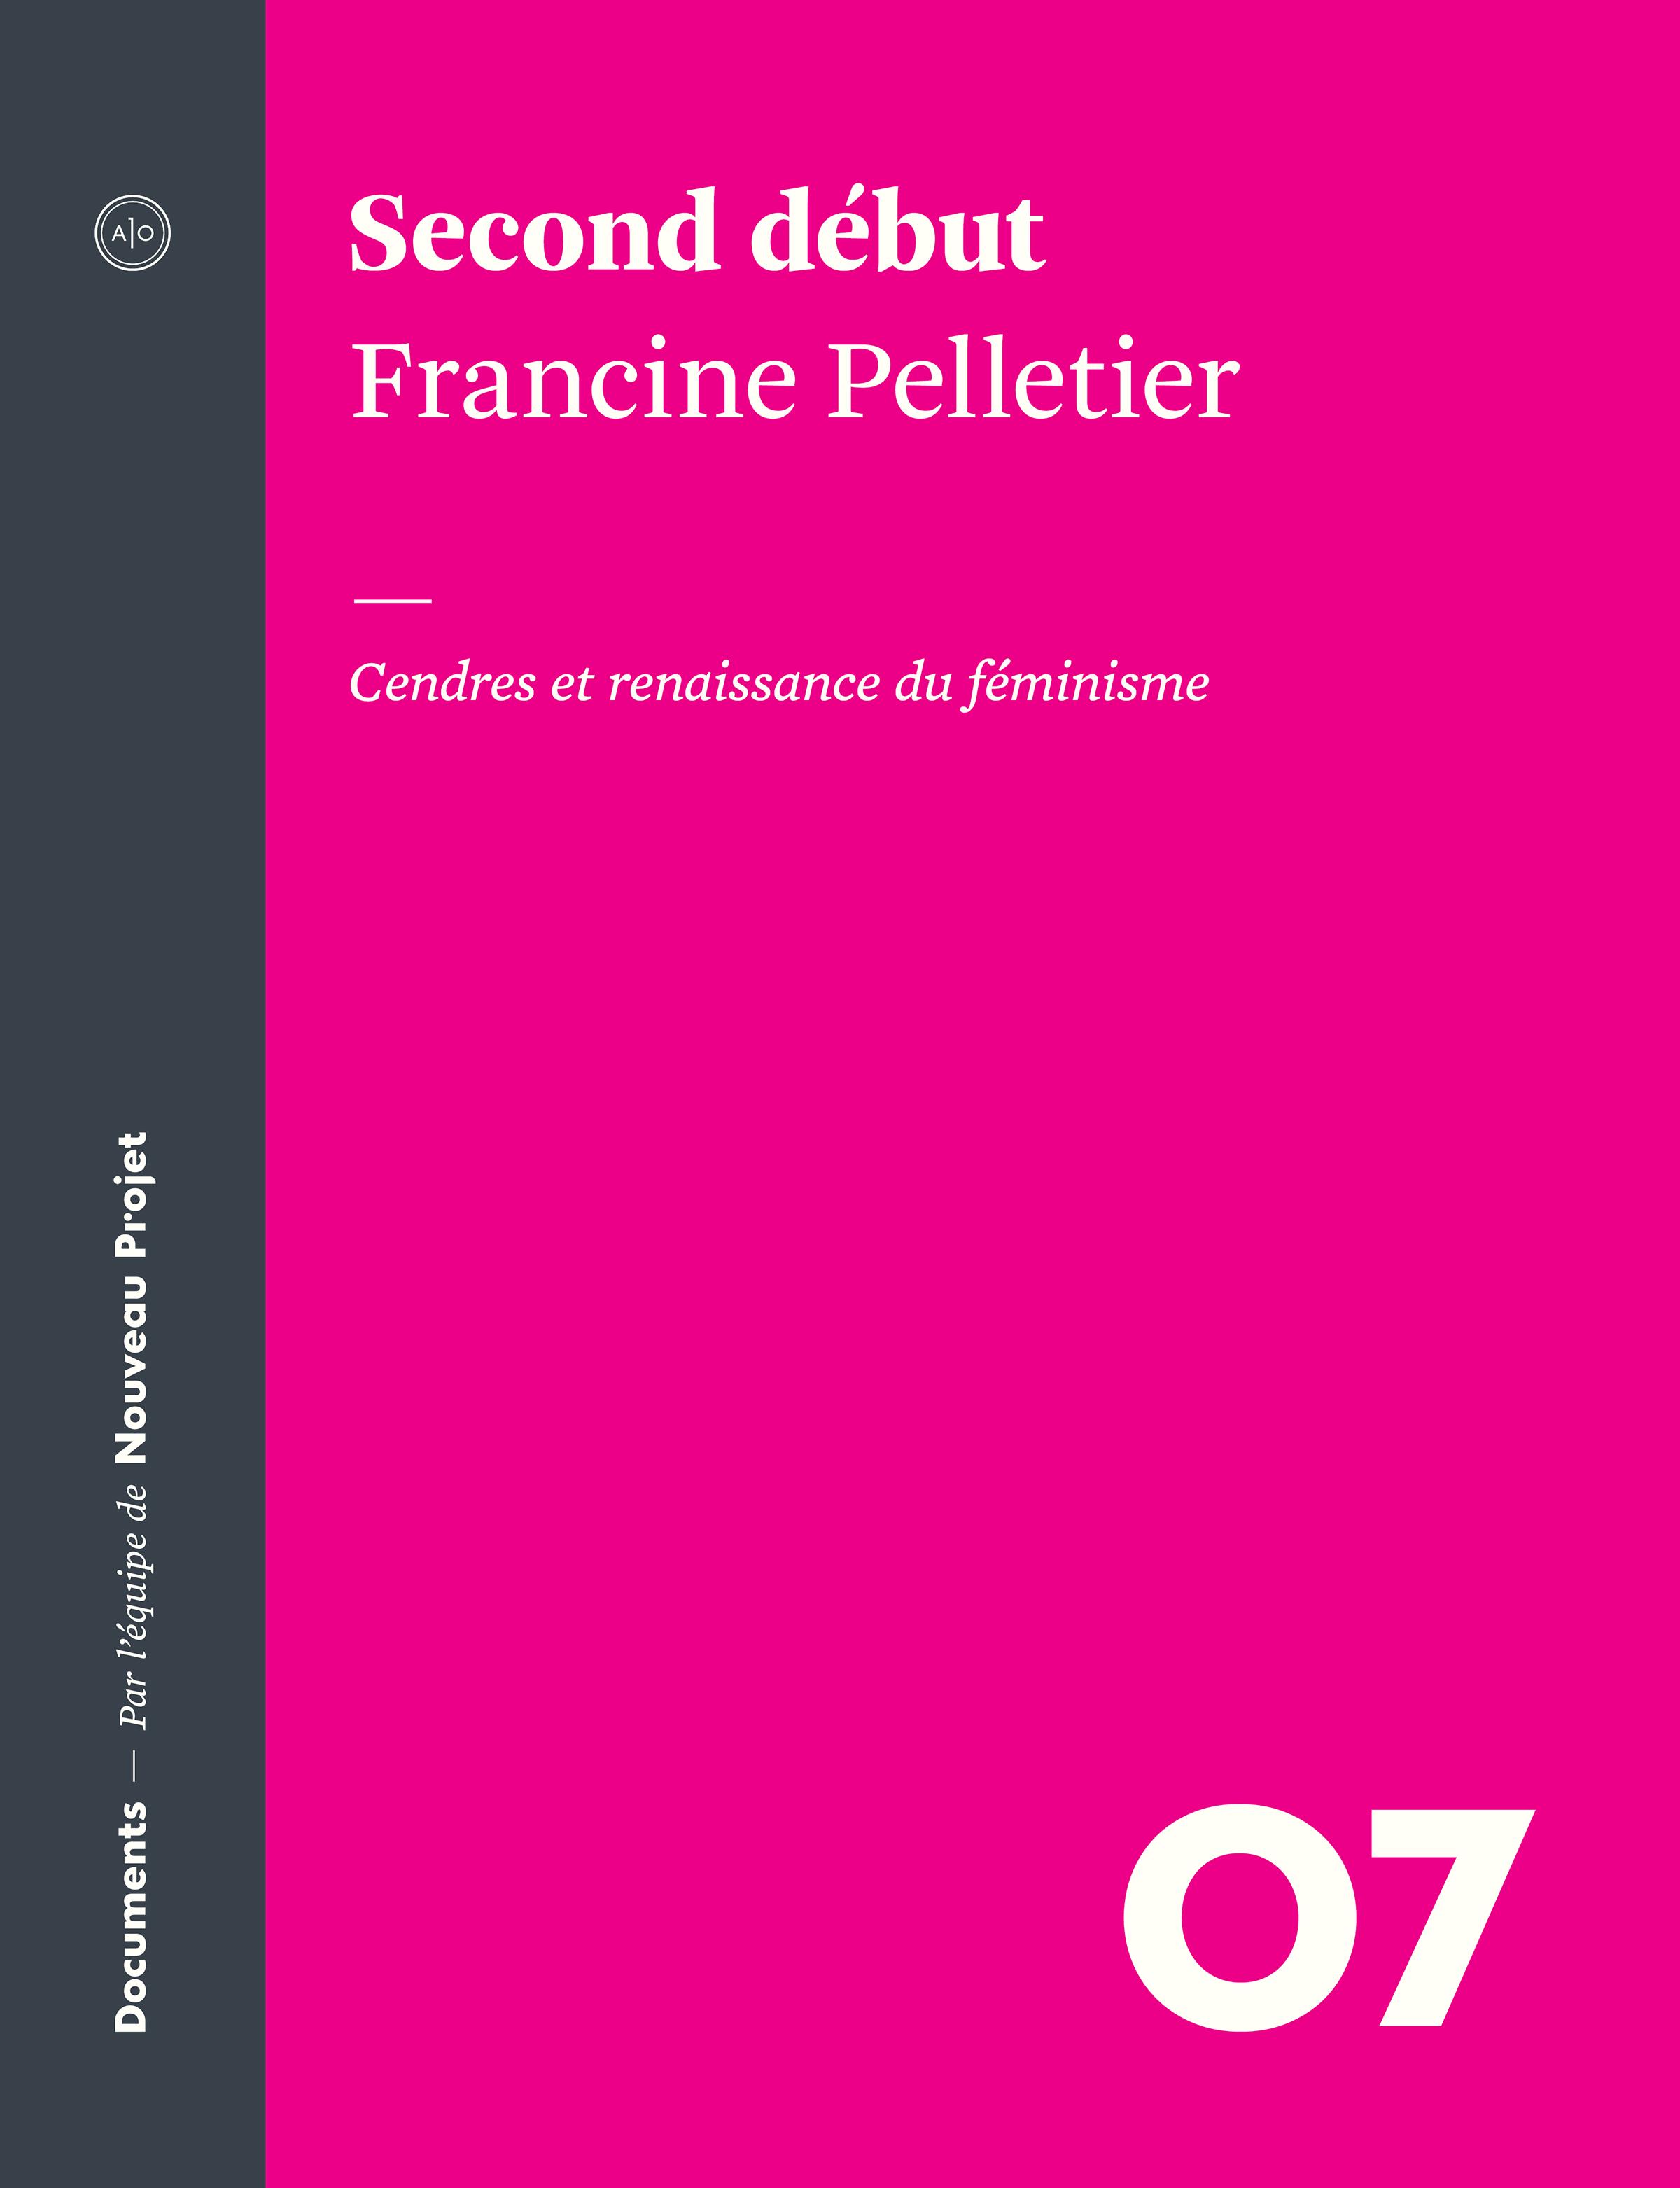 Couverture : Second début: cendres et renaissance du féminisme Francine Pelletier